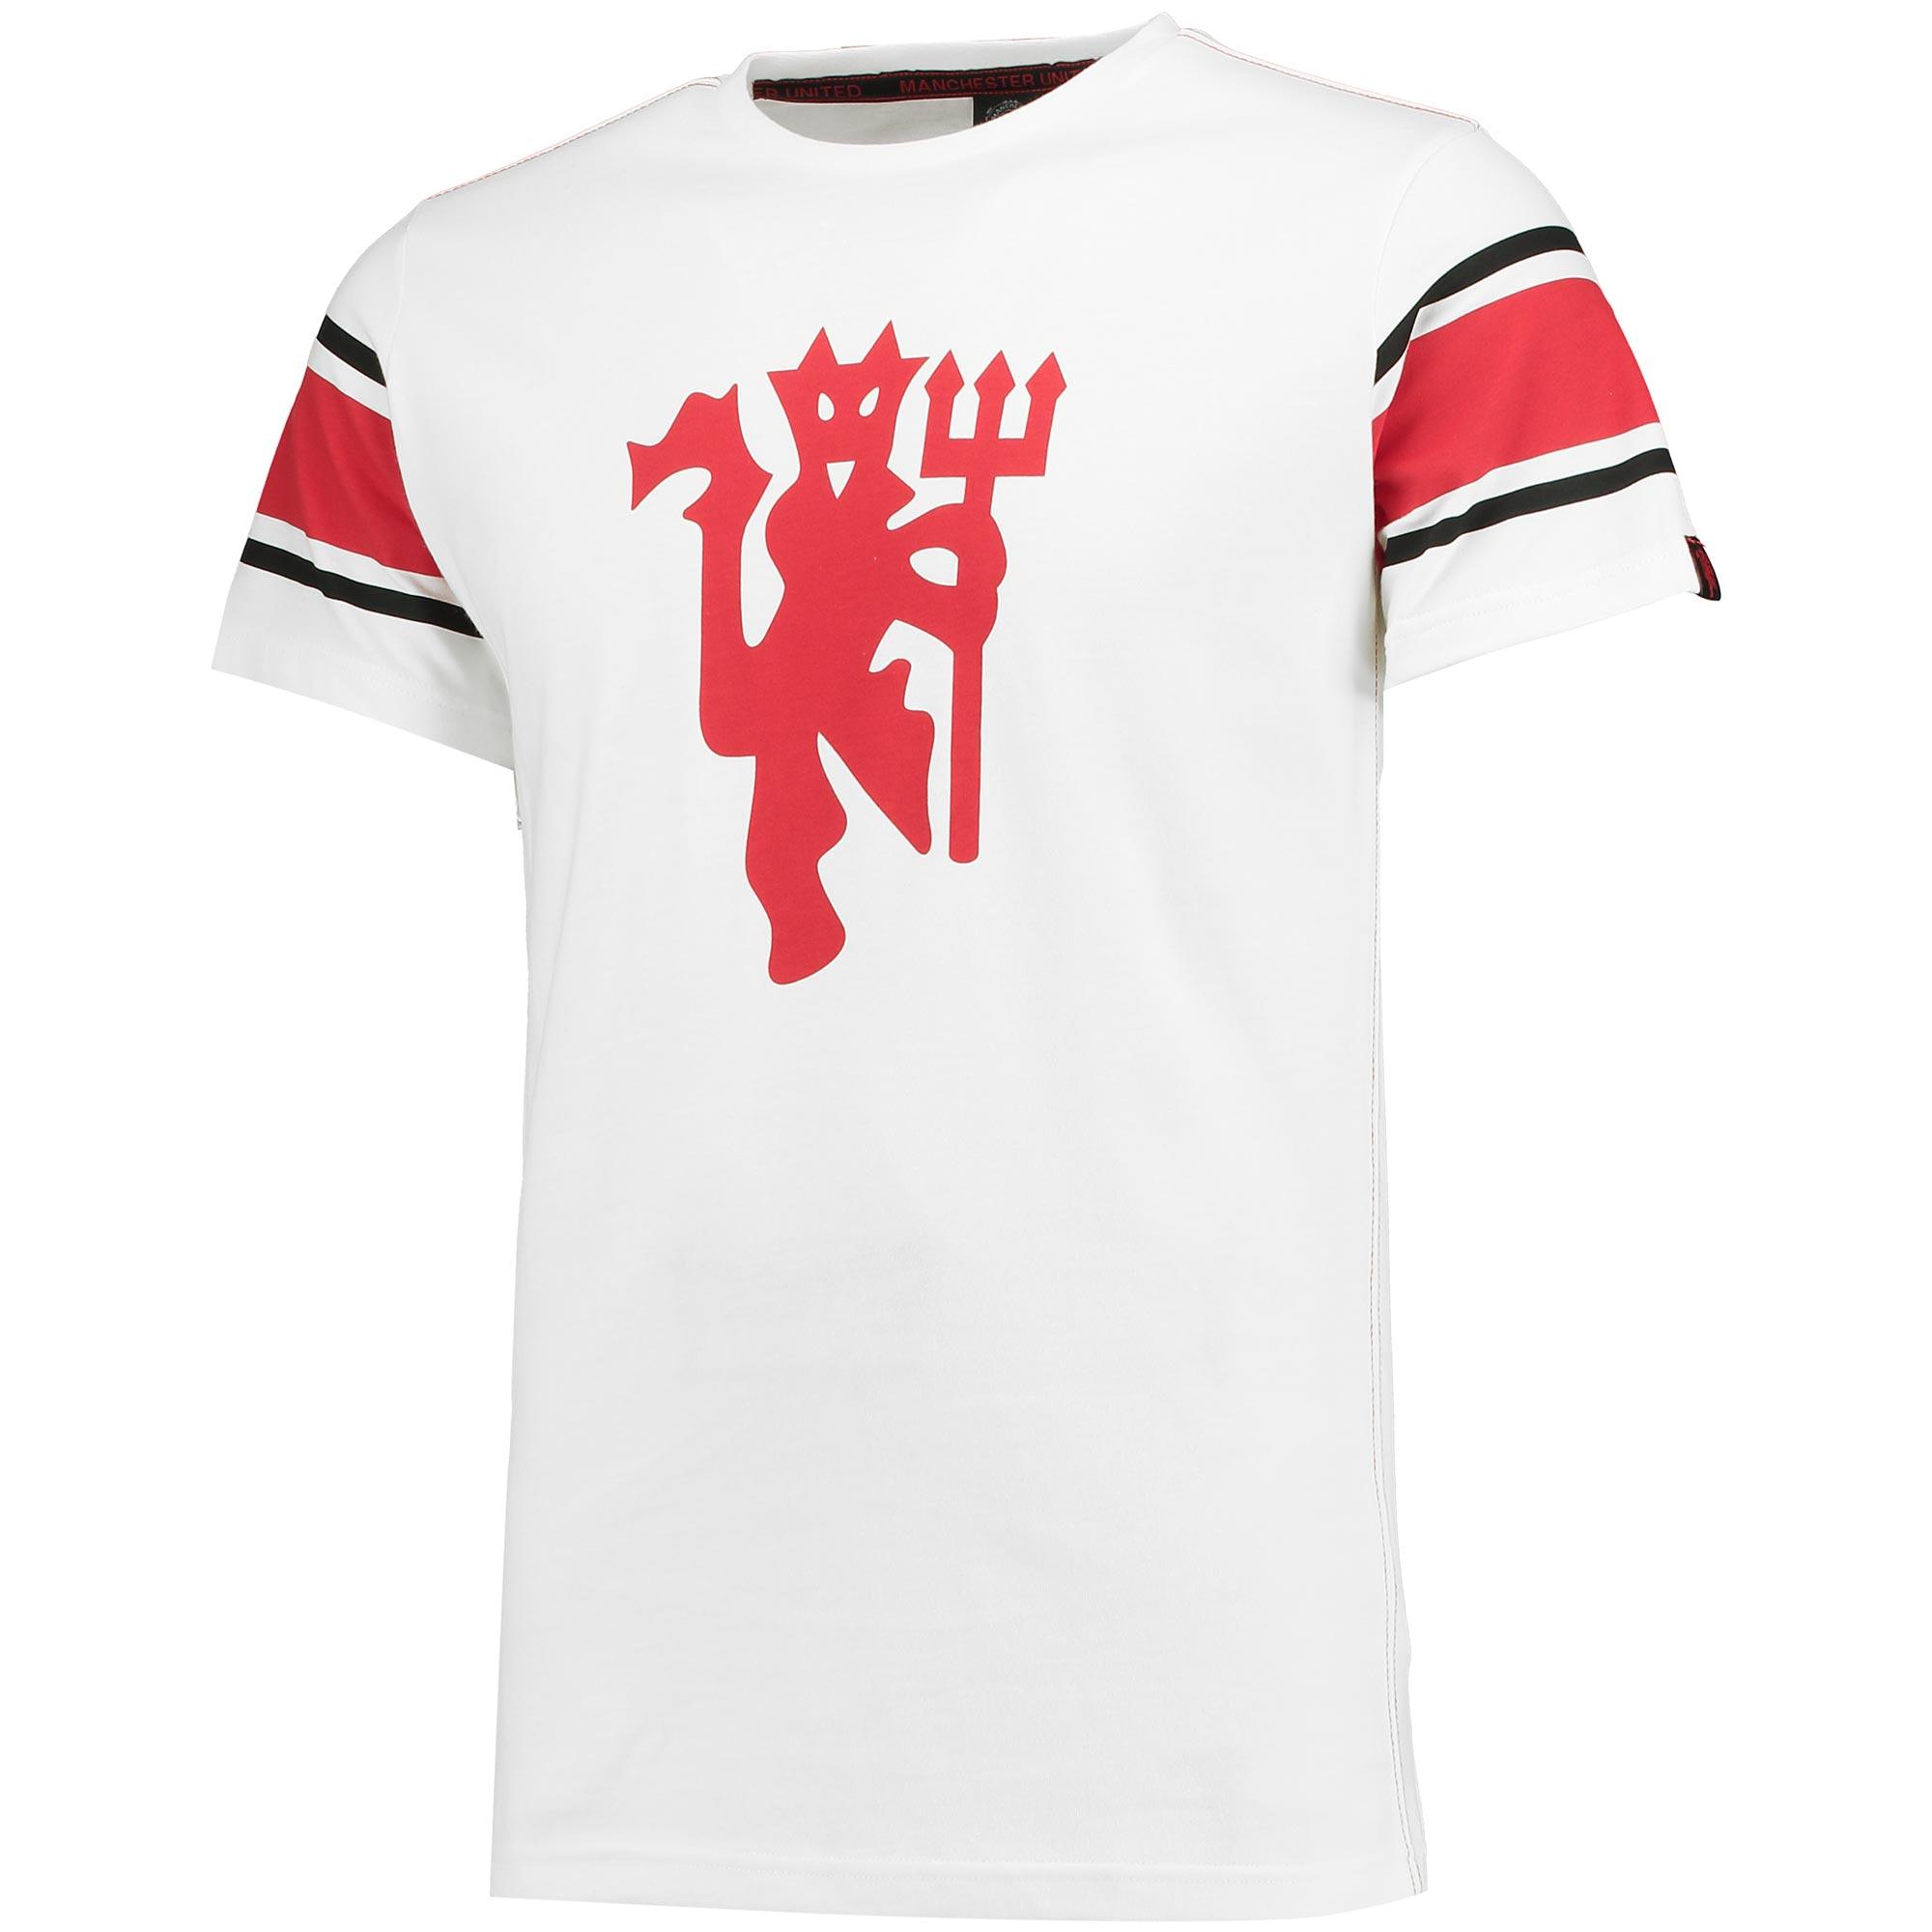 Manchester United Stretford T-Shirt - White - Mens